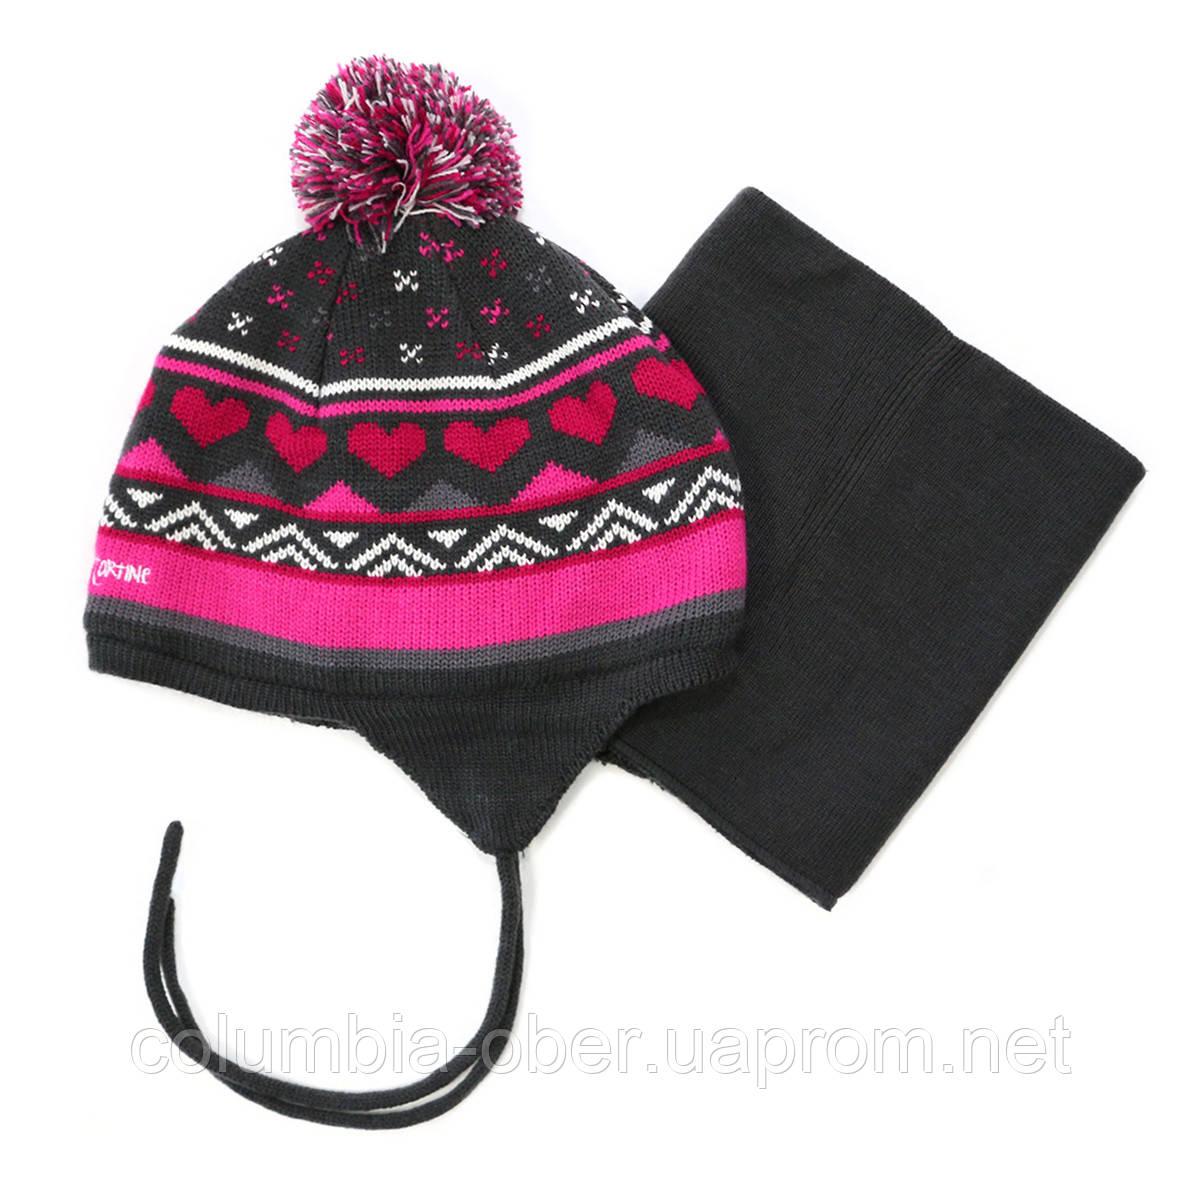 Зимняя шапка+манишка для девочки PELUCHE 66 EF ACC F16  Deep Gray. Размер 3/5 и 6/8.